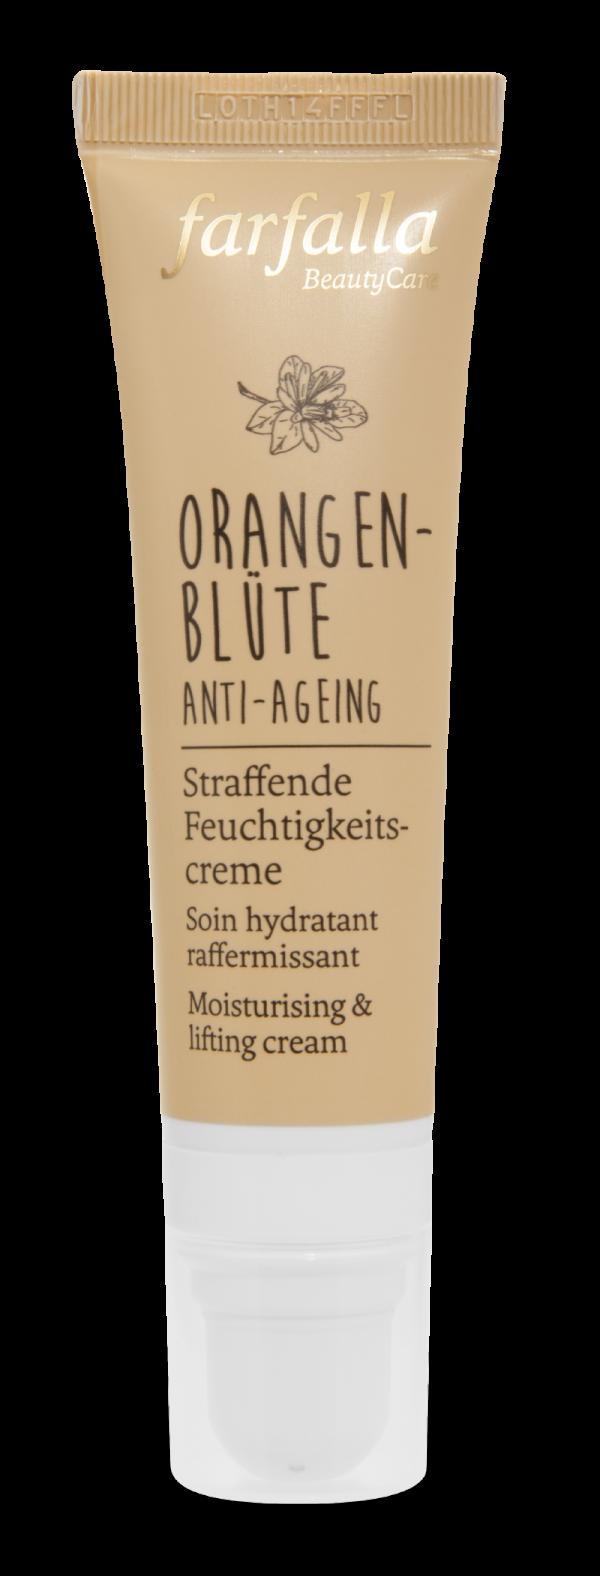 farfalla Orangenbluete_Anti-Ageing_Straffende Feuchtigkeitscreme_